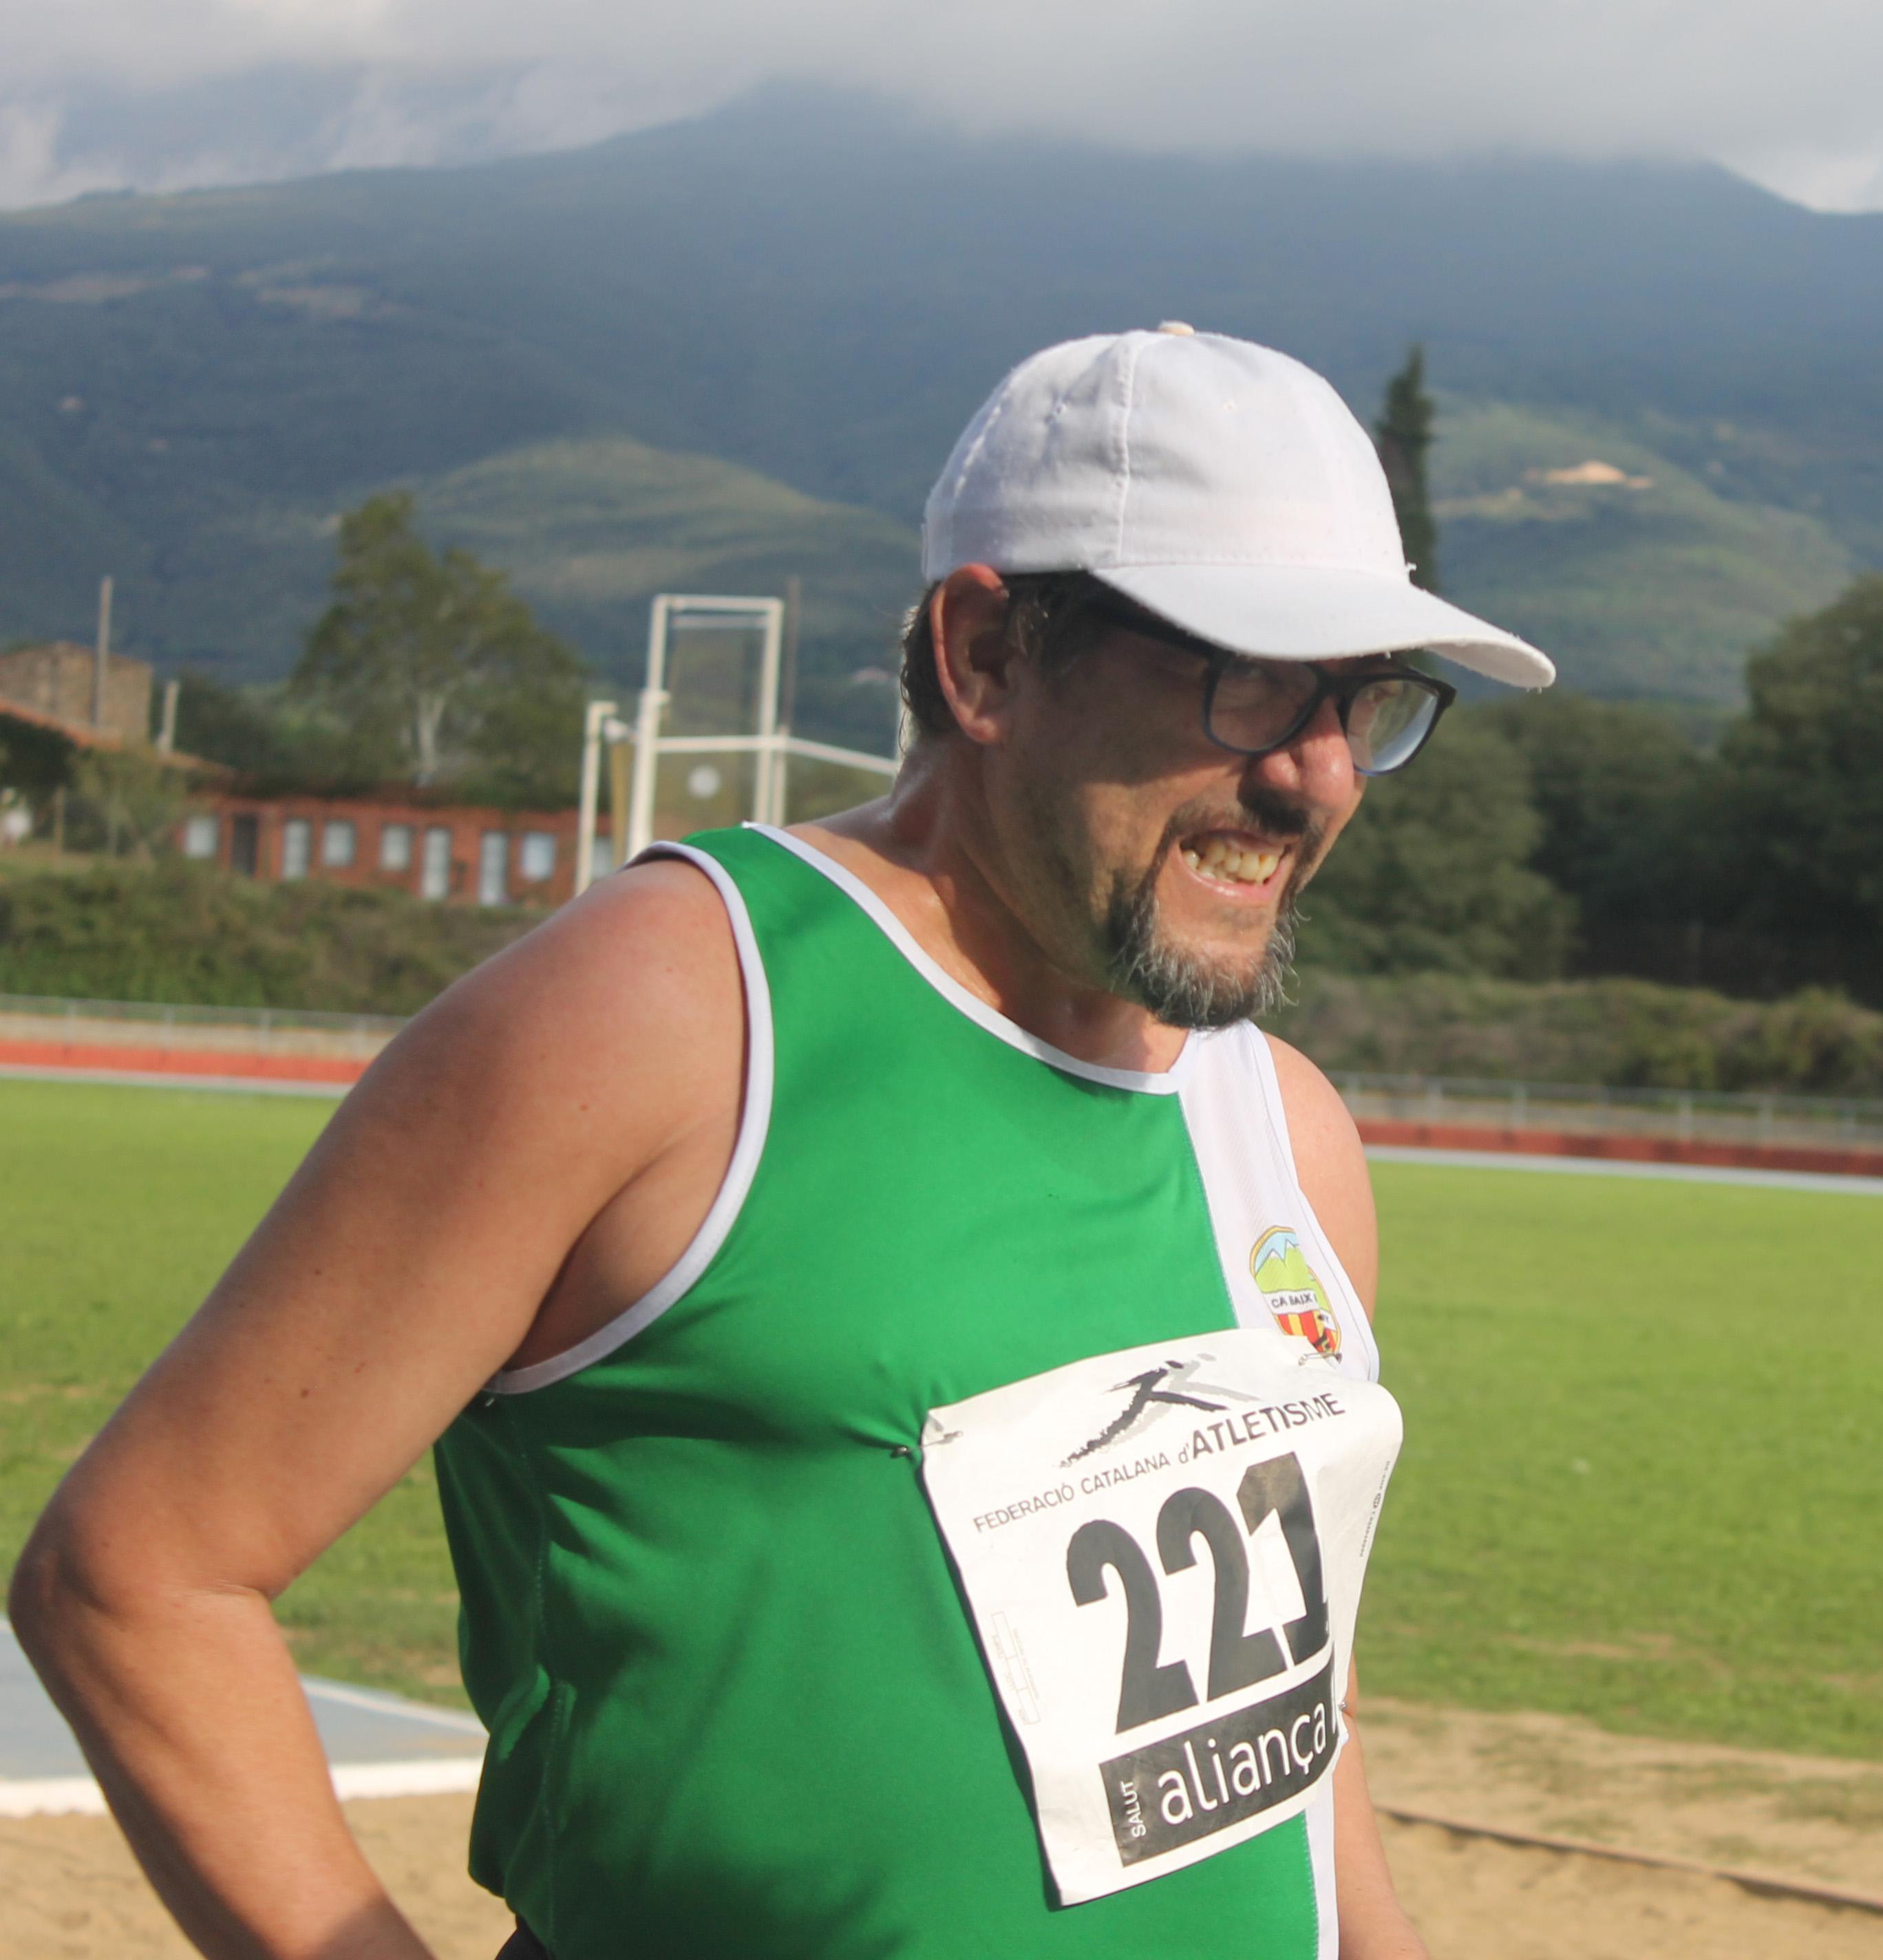 MARXA A EL VENDRELL (CAMPIONAT CATALUNYA)